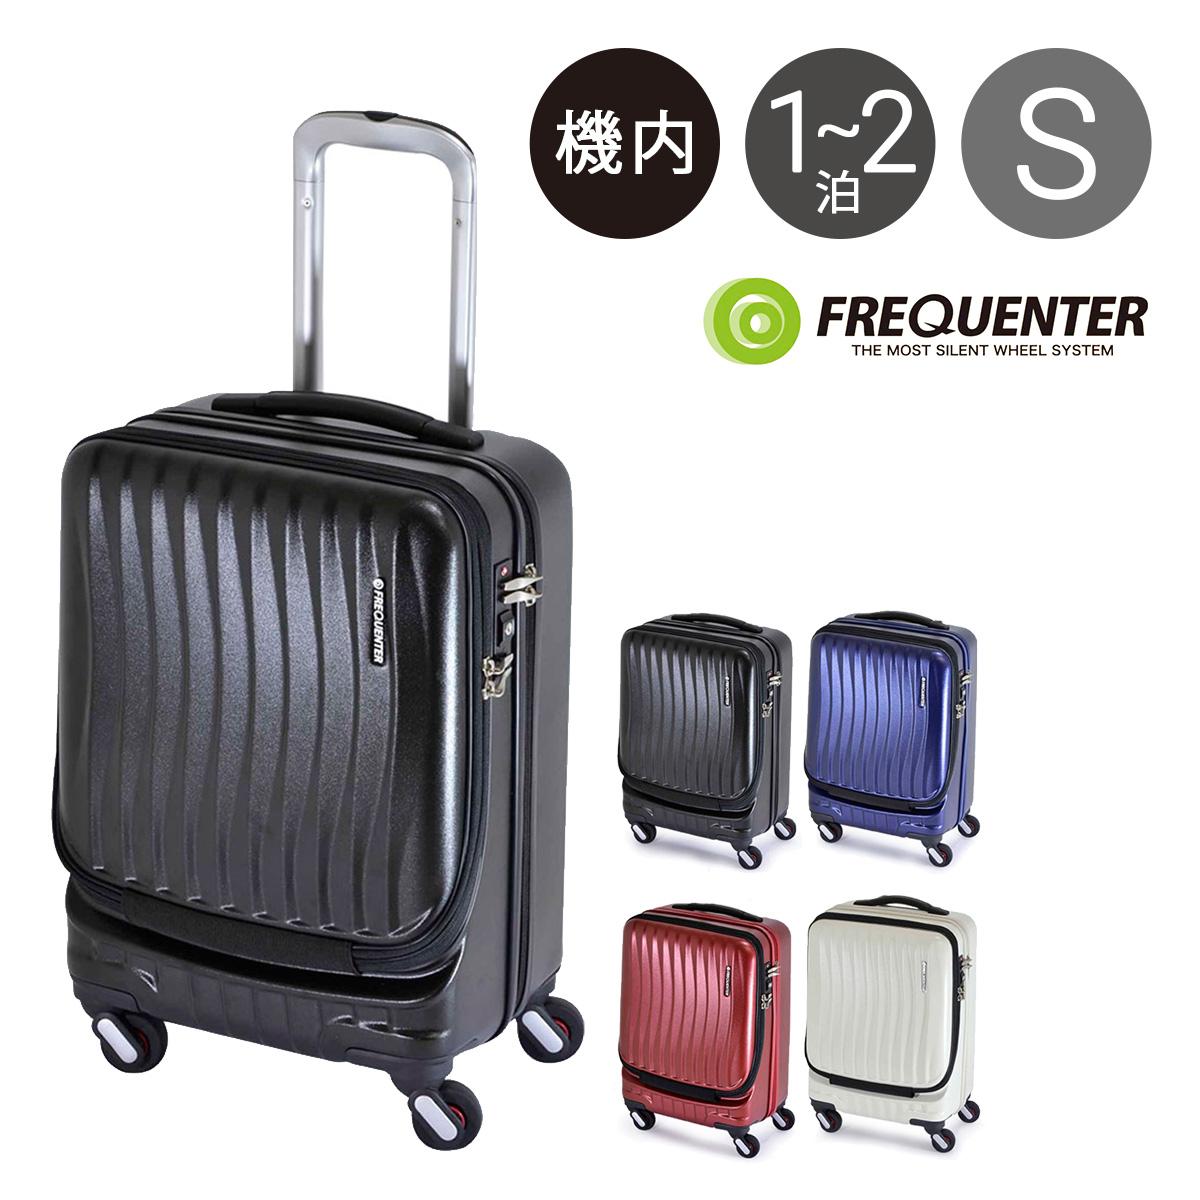 フリクエンター スーツケース 1-210 46cm CLAM クラム フロントオープン エンドー鞄 キャリーケース 静音 機内持ち込み可 TSAロック搭載 FREQUENTER【bef】